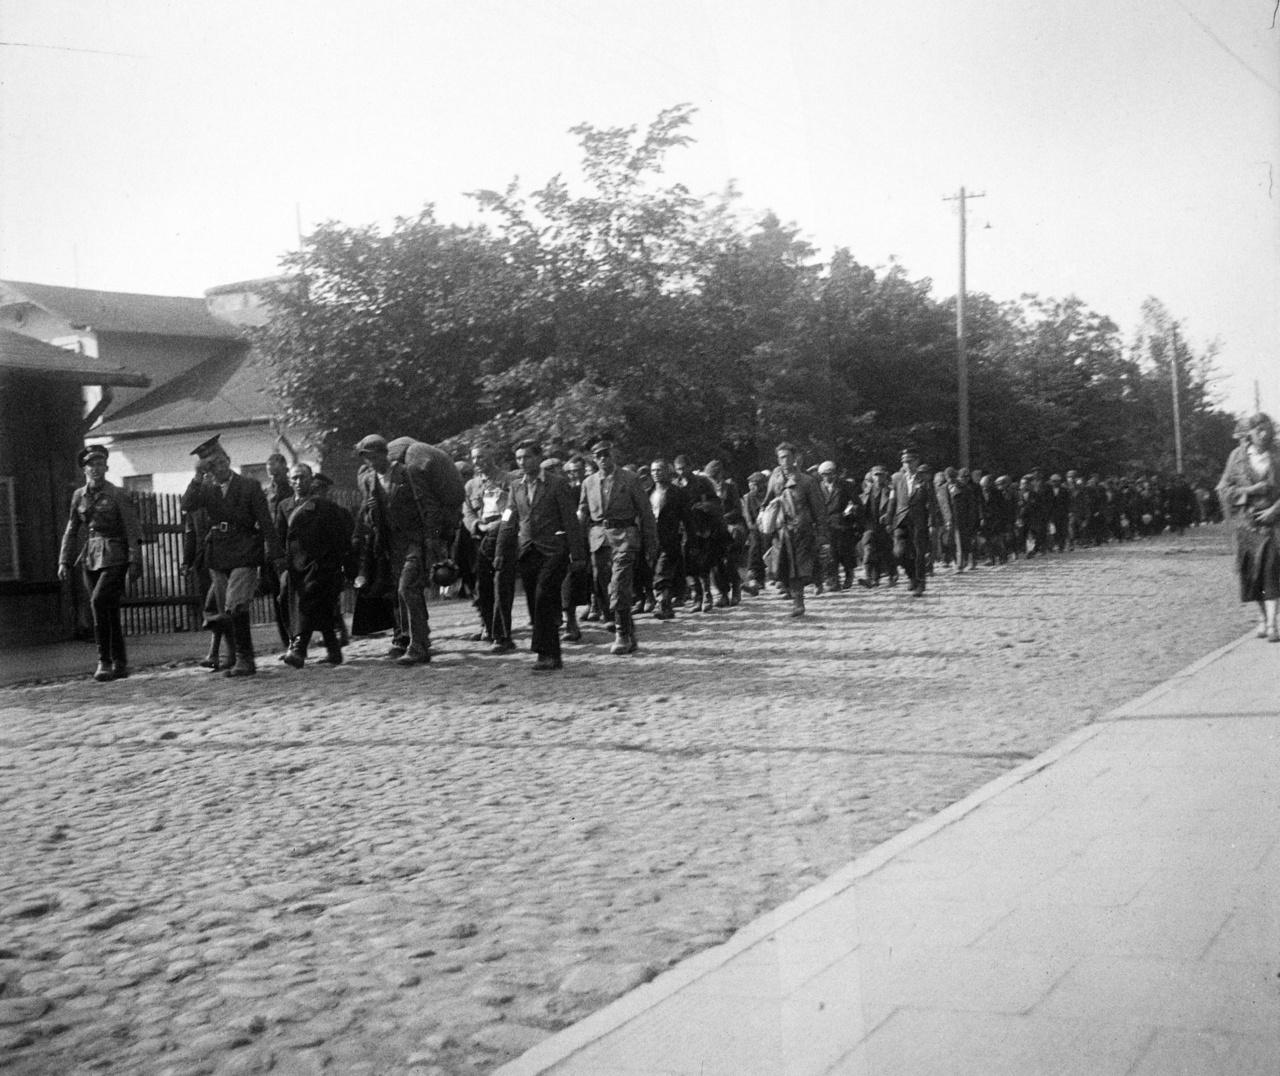 Feltehetően zsidó rendőrök felügyelete alatt vonuló zsidó munkások. A kép elkészítése nagyobb kockázatot jelenthetett.